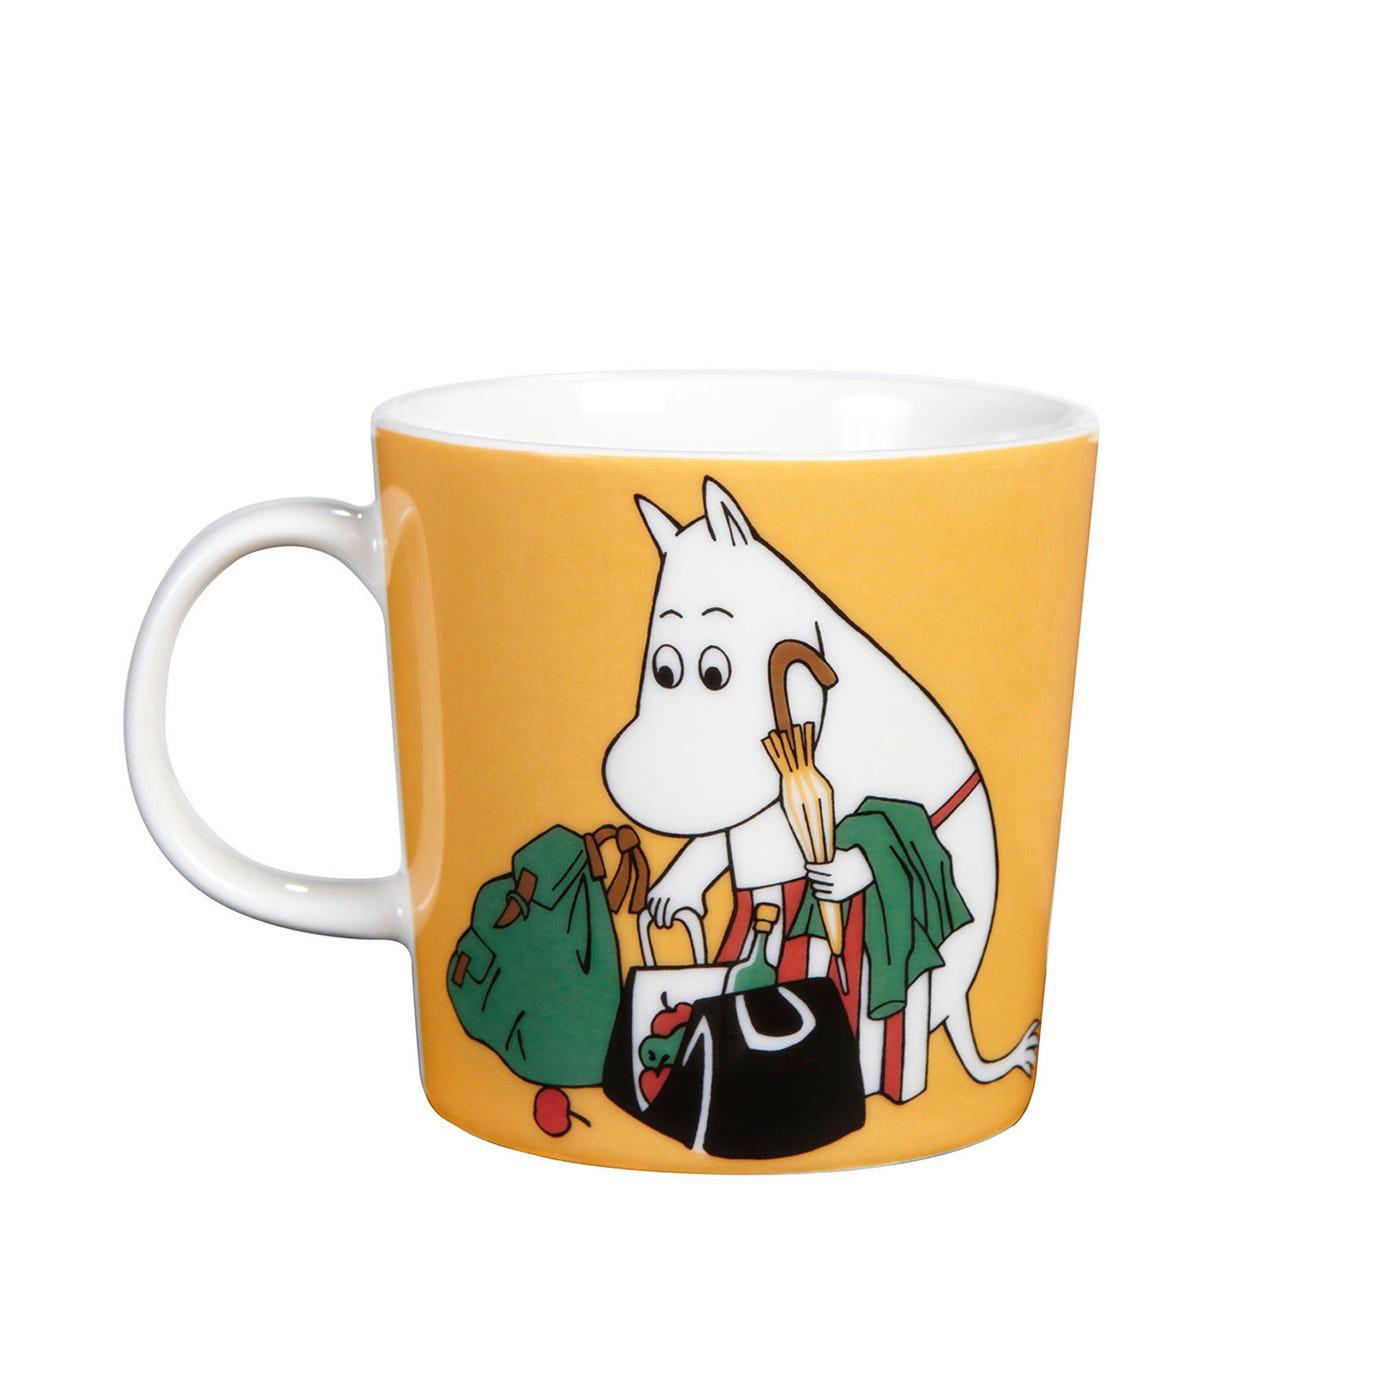 Moomins Moominmamma Apricot Mug - Discontinued